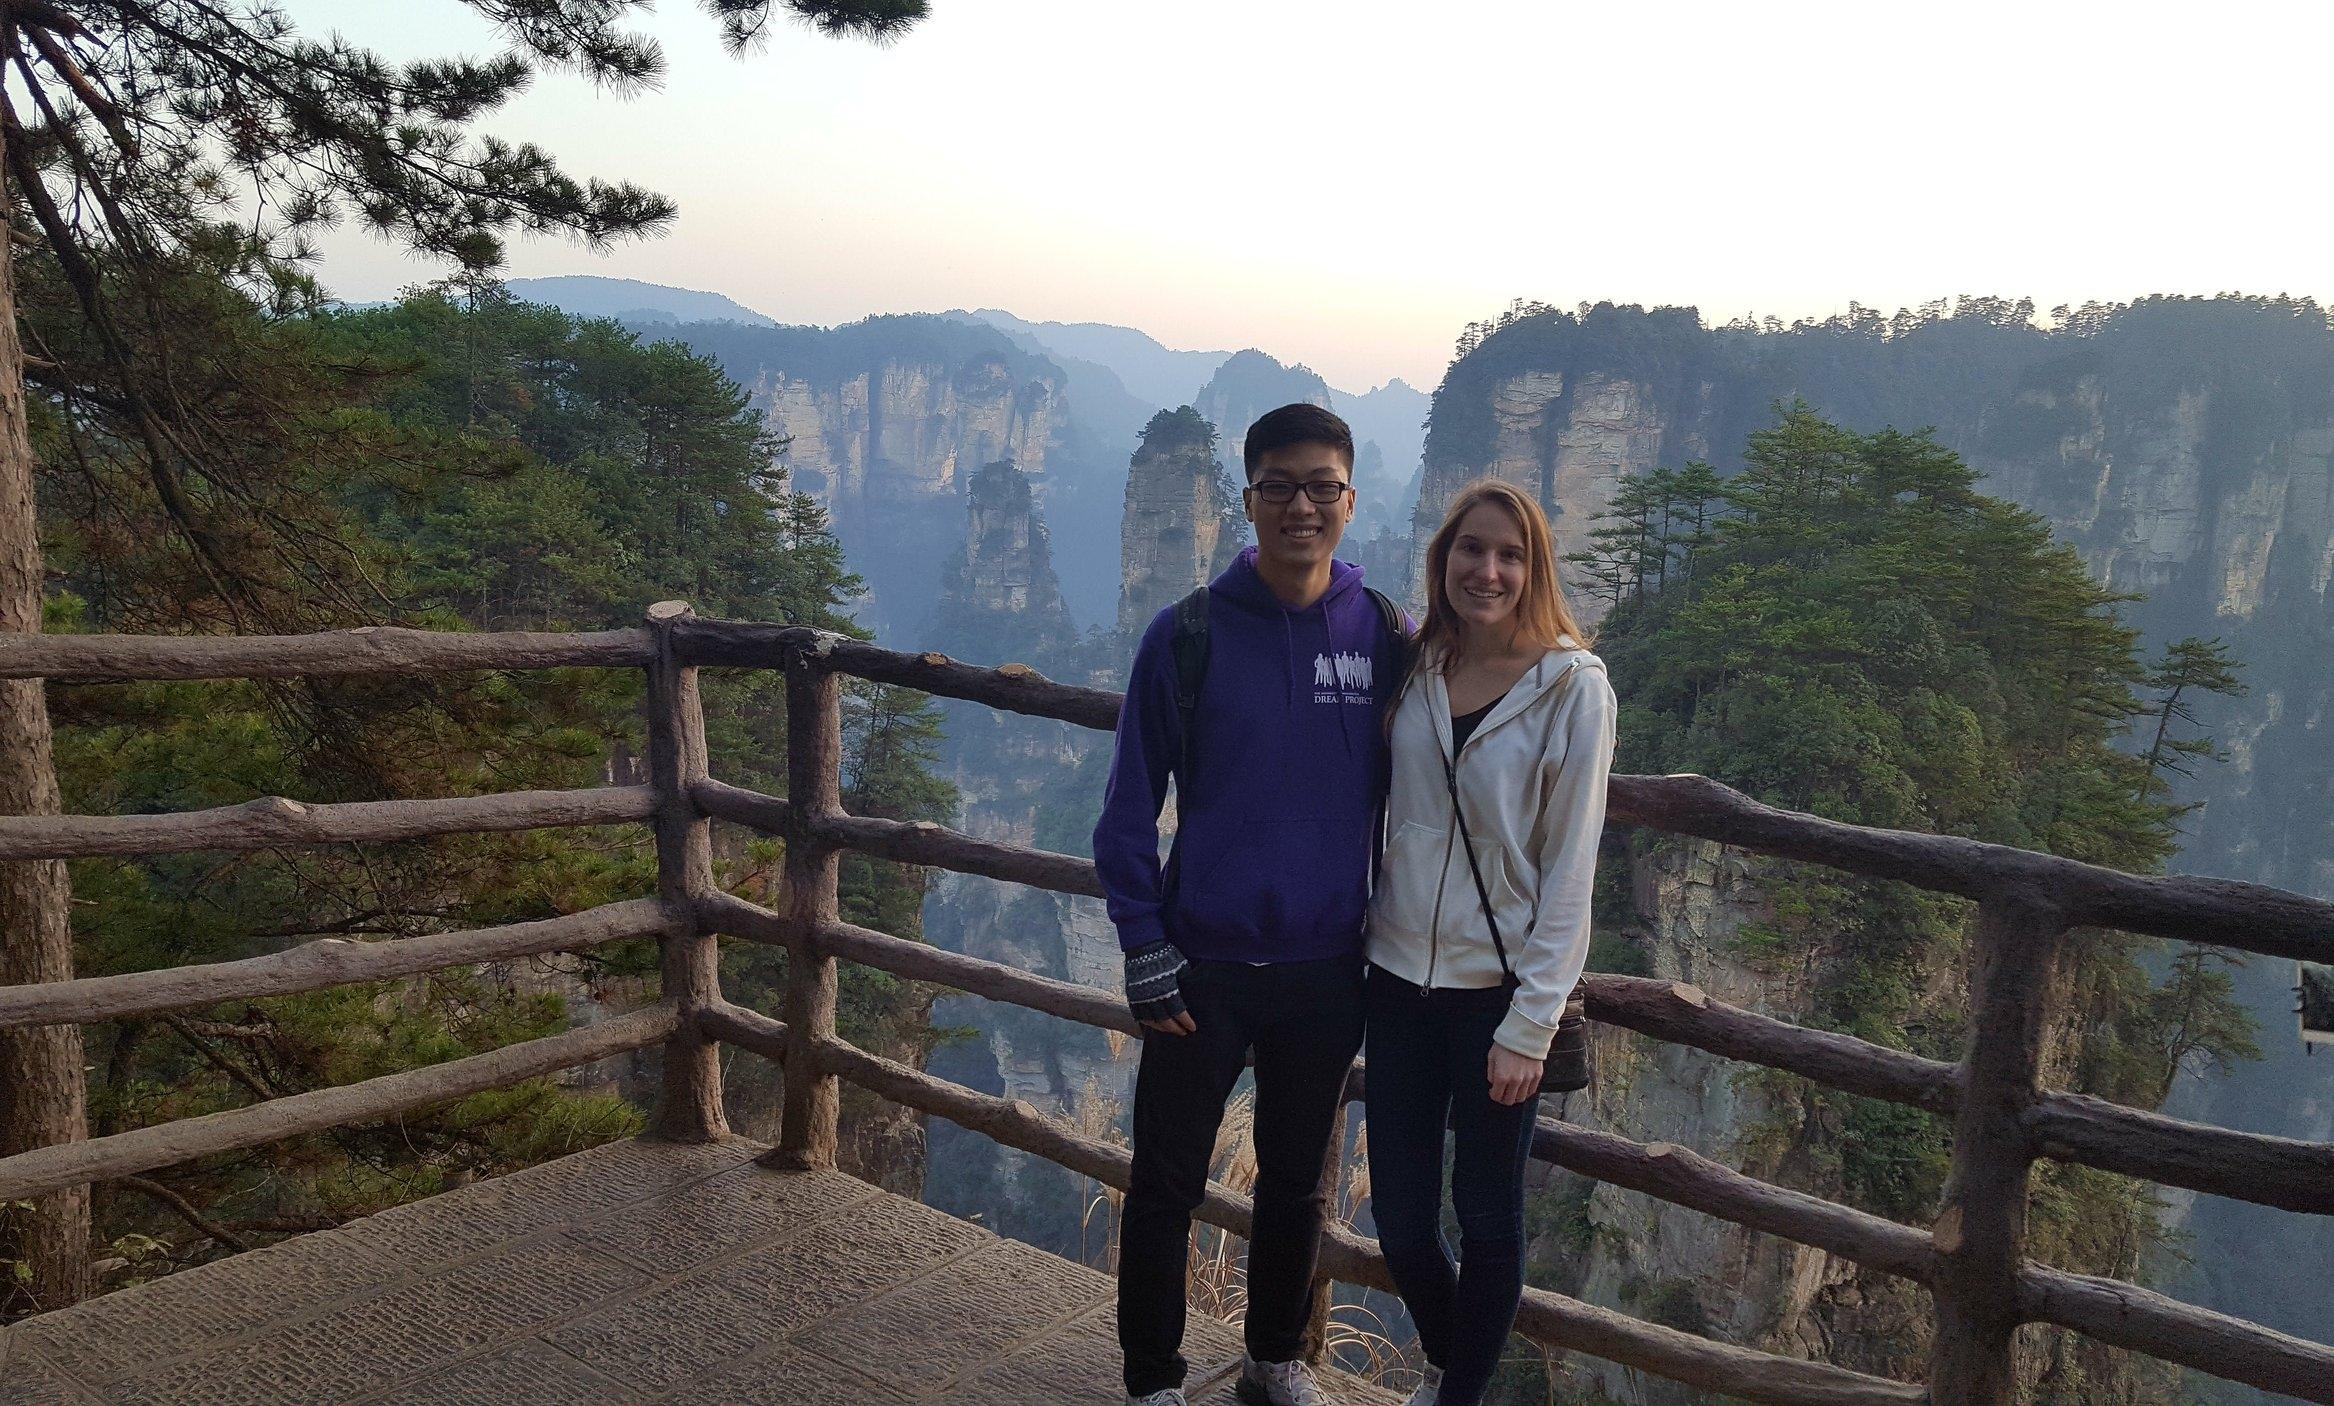 Zhanjiajie National Forest Park